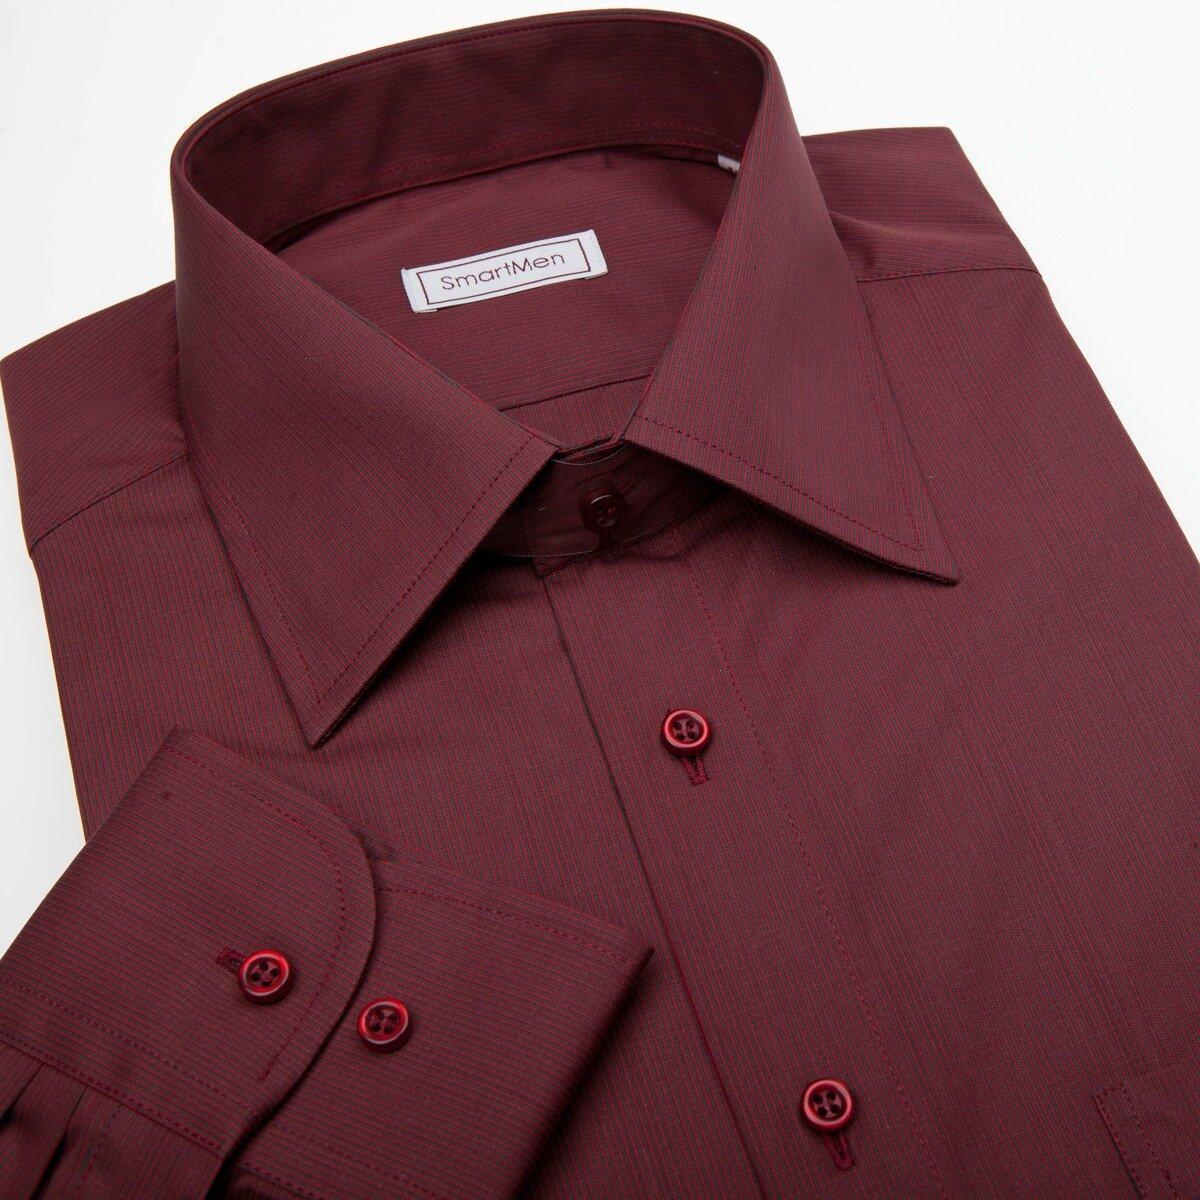 ee61ca6b46e1 Vínovo červená košeľa s dlhým rukávom s gombíkmi vo farbe